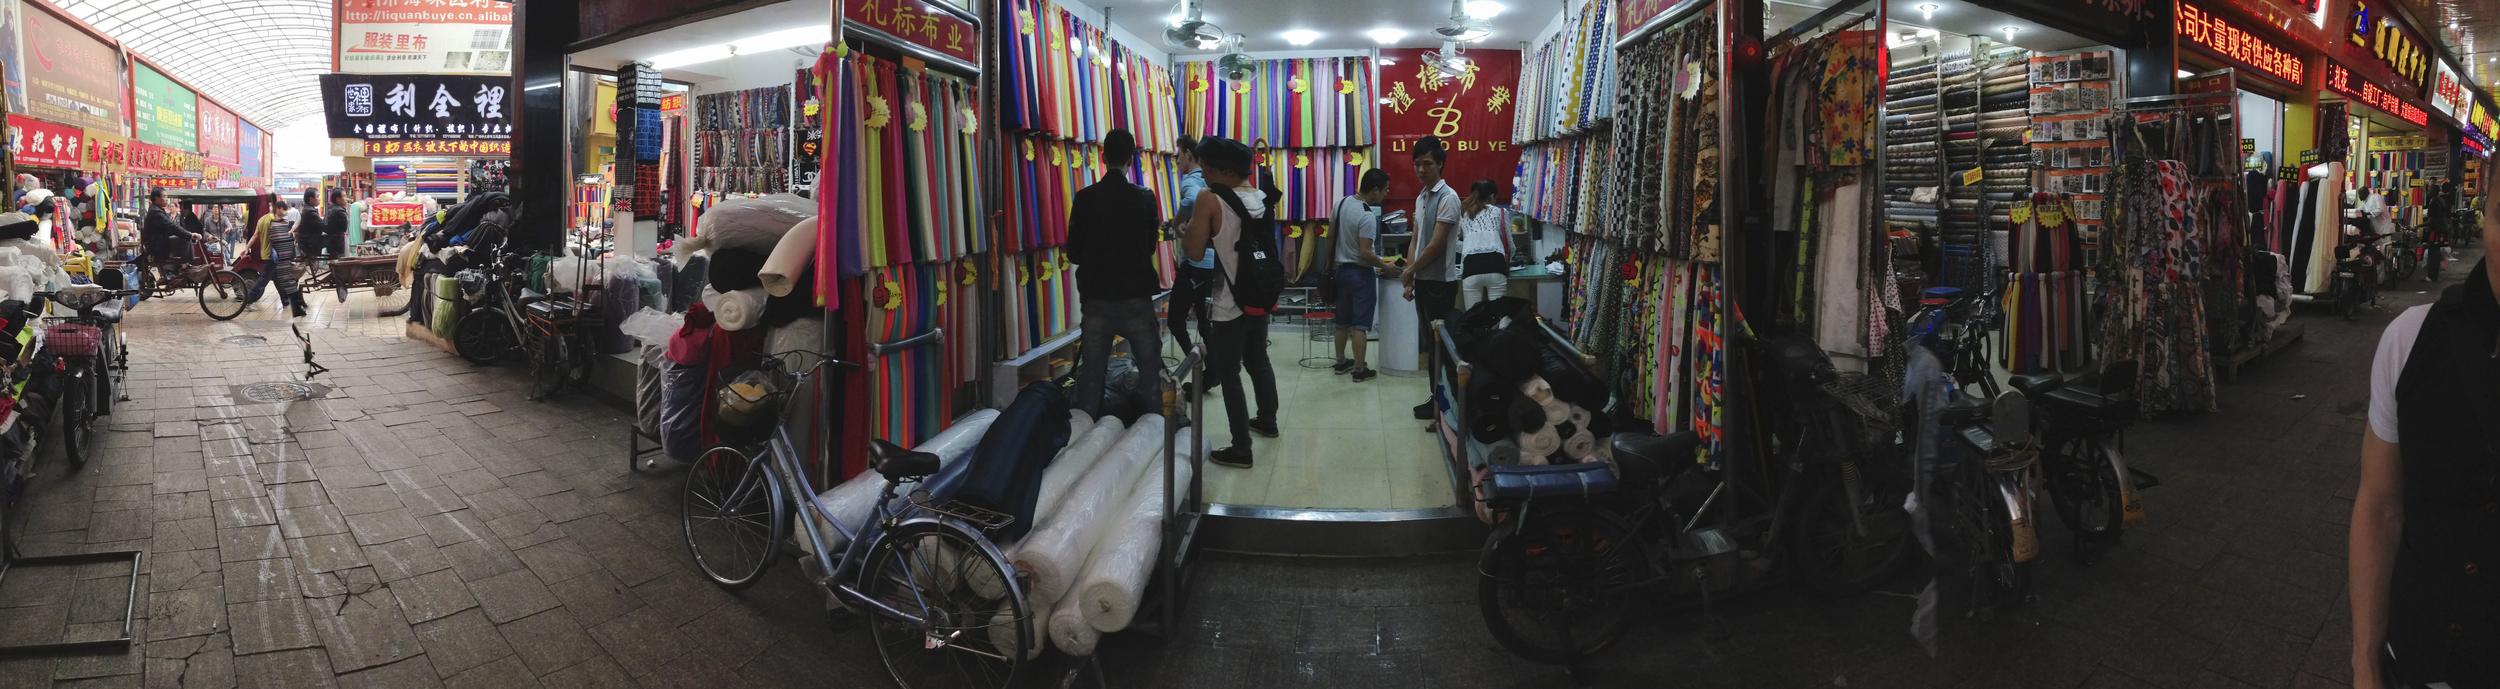 """Inside """"Textile City"""", at Zhong Da Chang Heng Textile Market"""